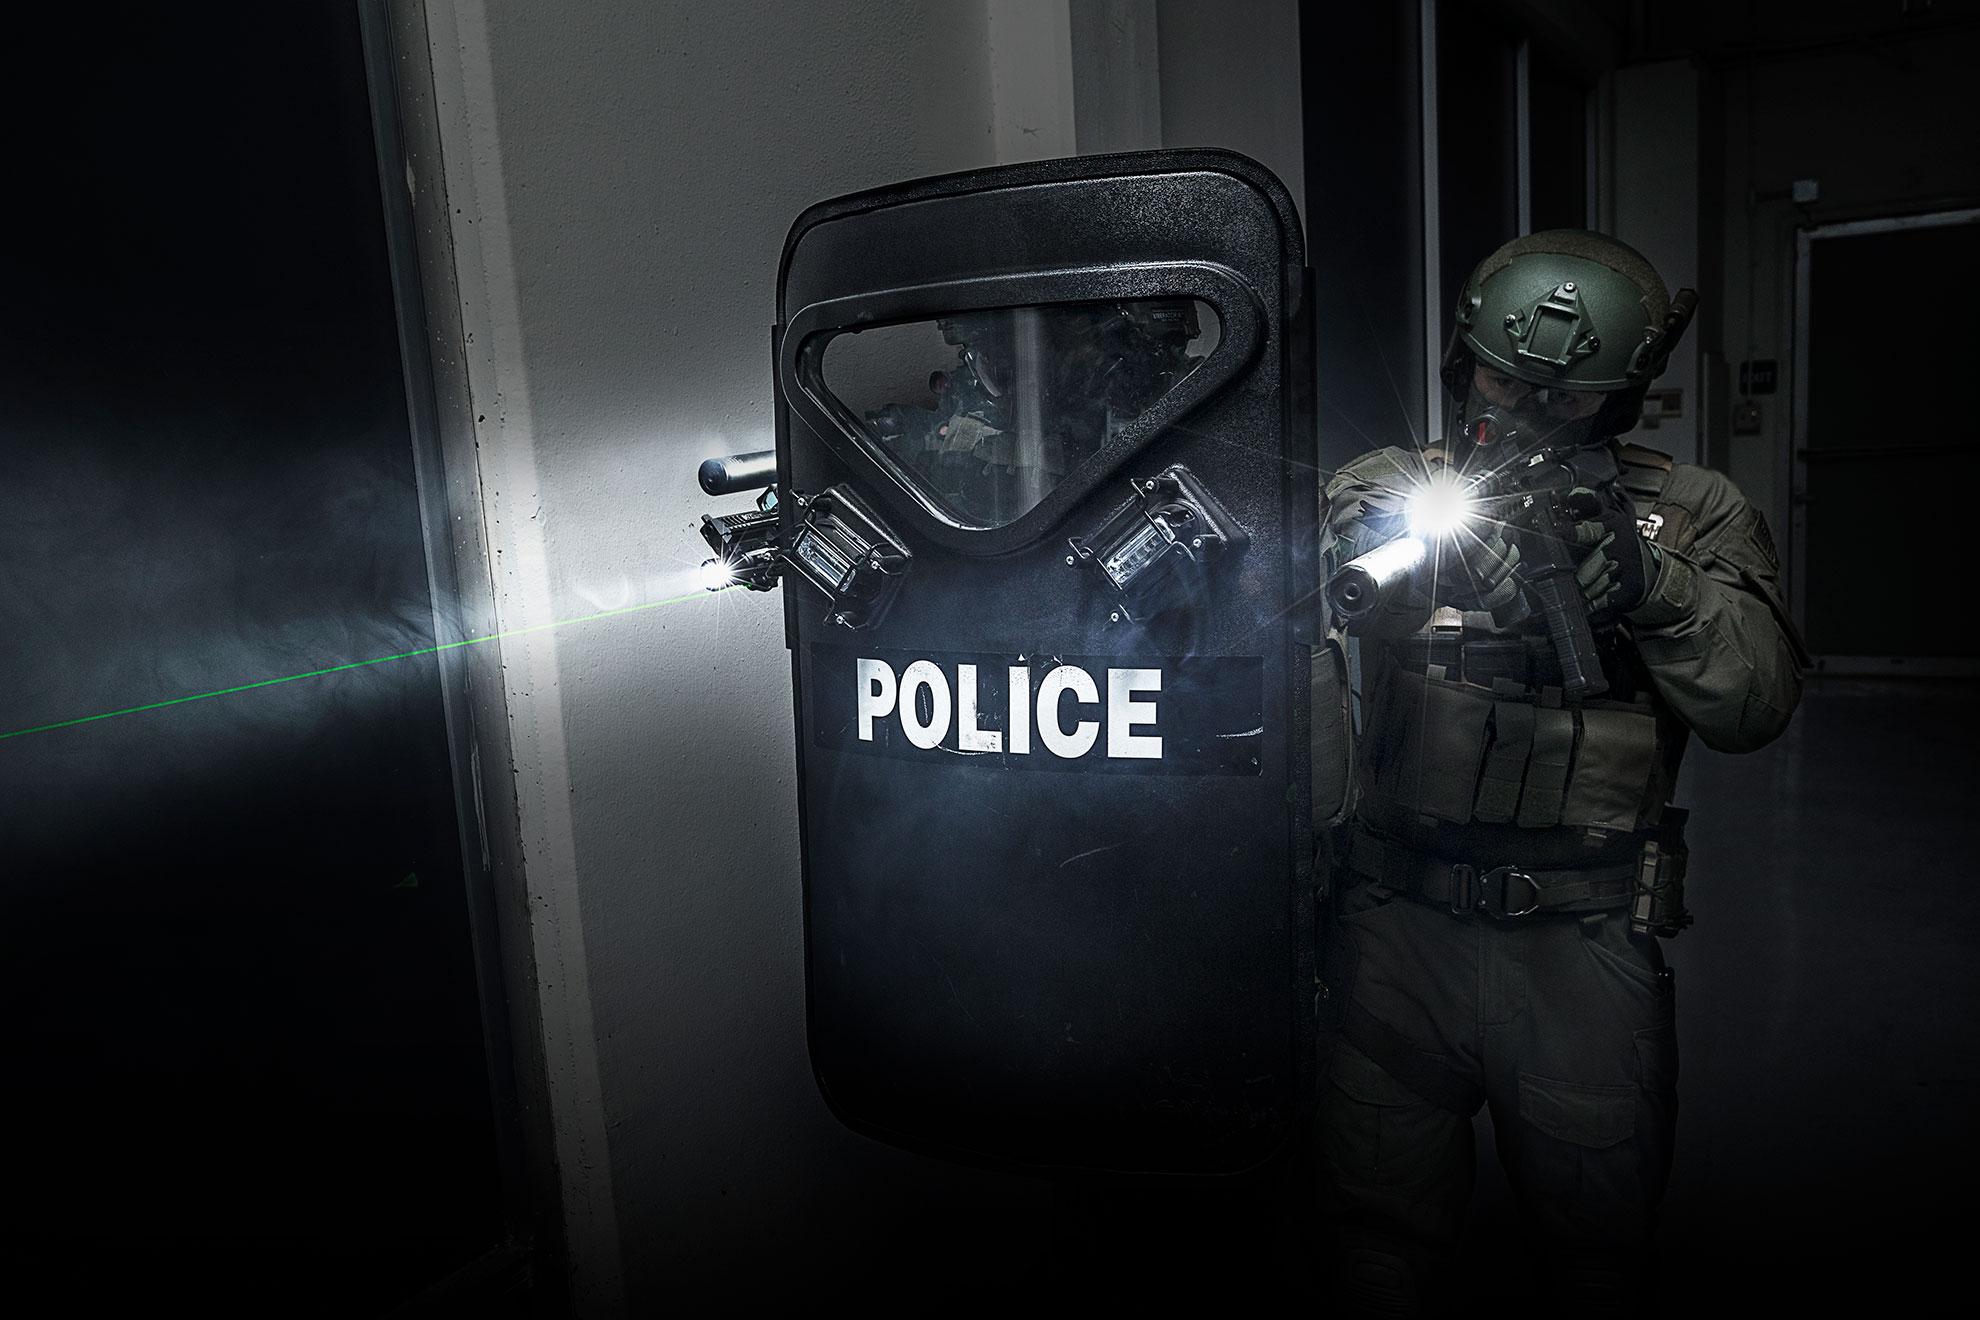 SureFire zero laser SWAT